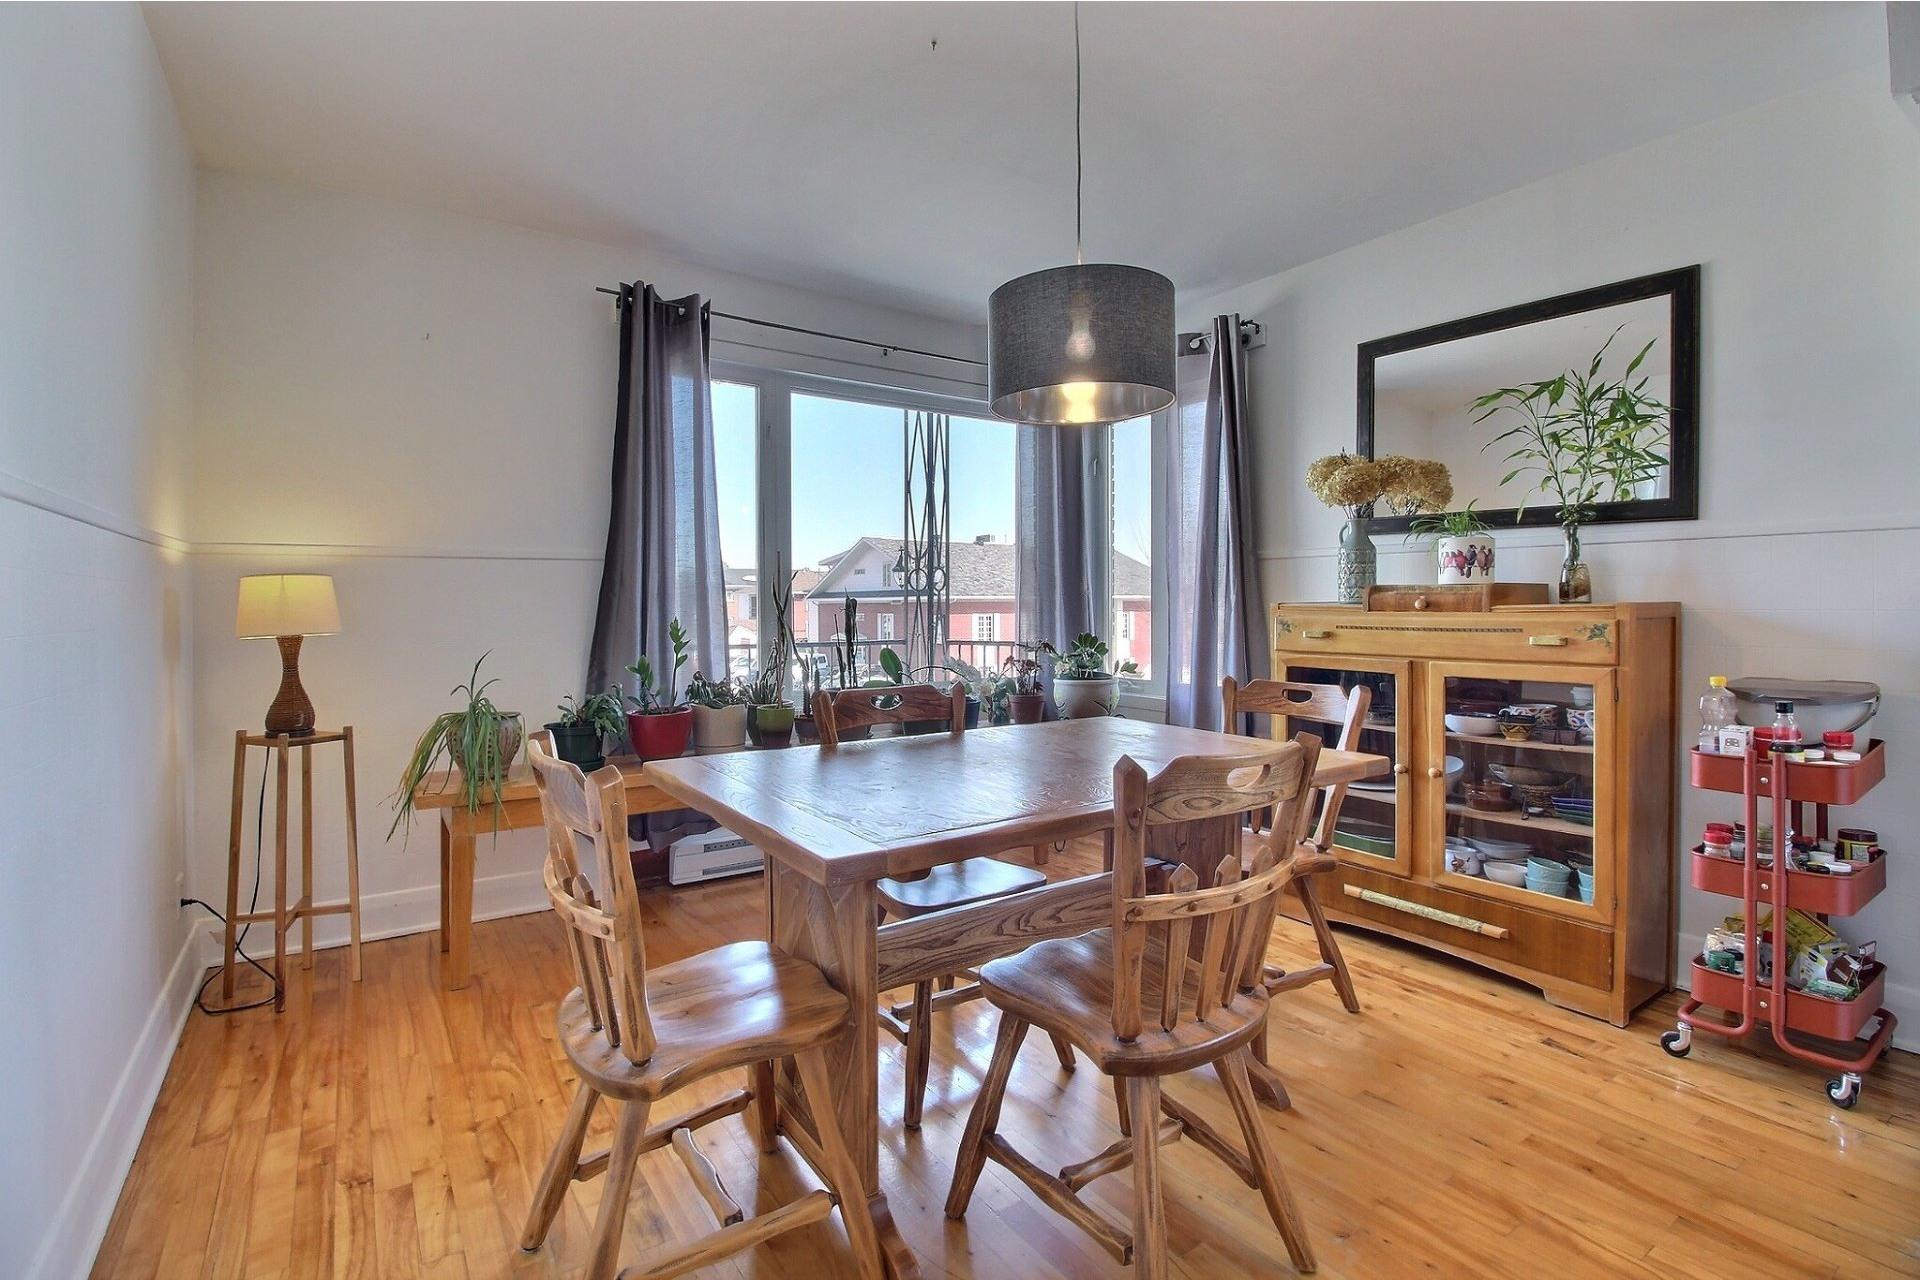 image 2 - Duplex For sale Joliette - 5 rooms